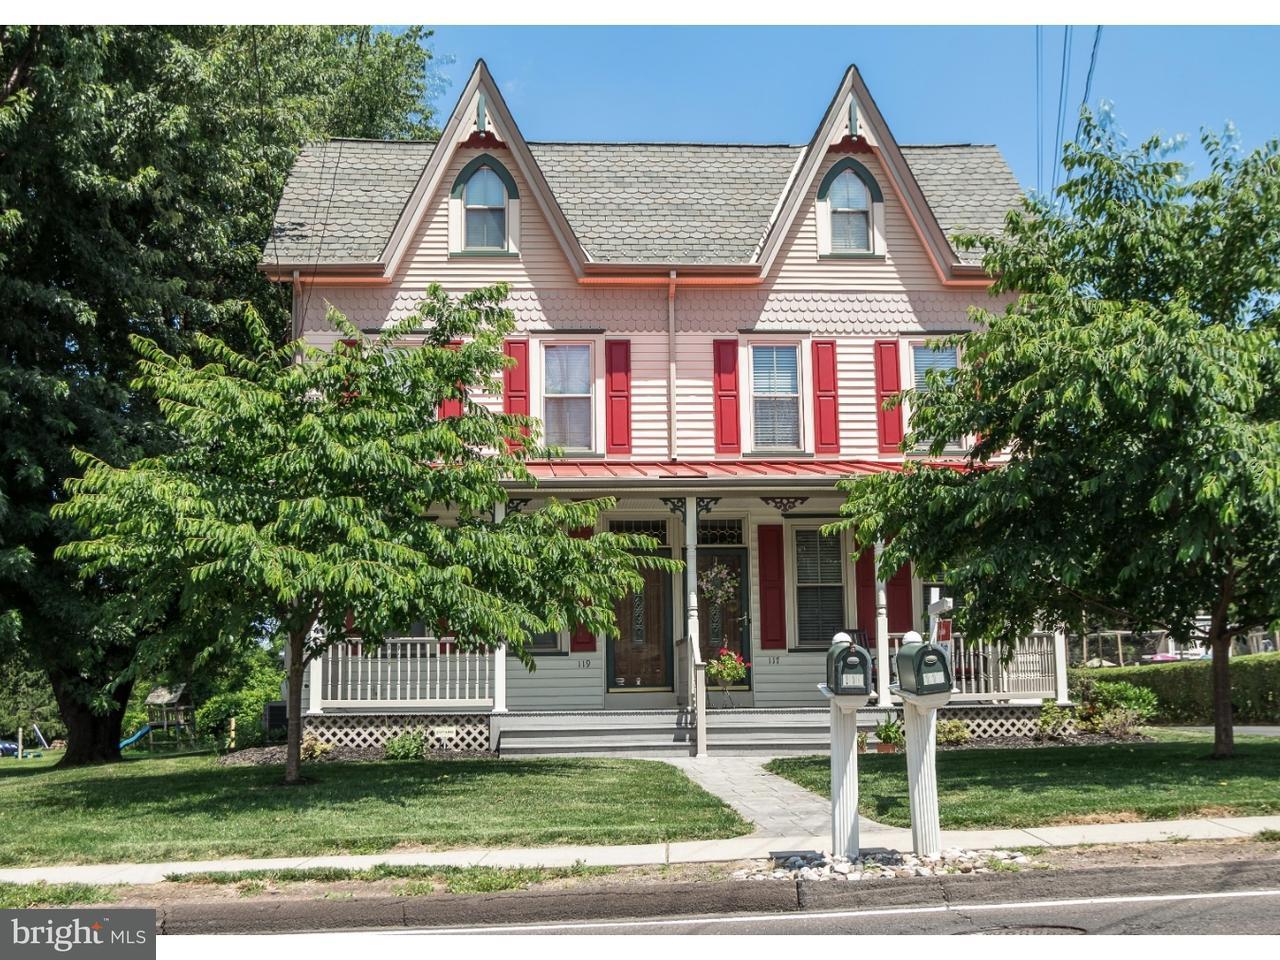 复式单位 为 销售 在 119 BUSTLETON PIKE Churchville, 宾夕法尼亚州 18966 美国